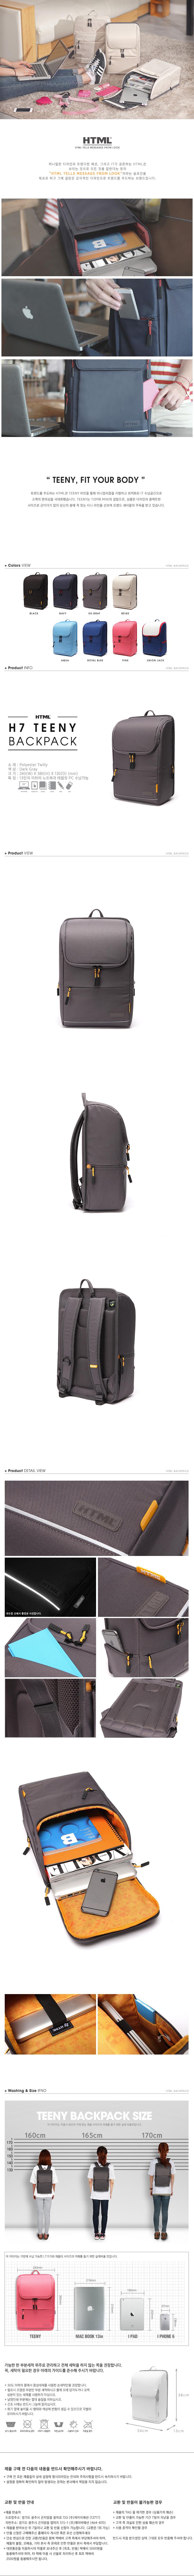 [에이치티엠엘]HTML-NEW H7 WOMAN TEENY Backpack (DK.GRAY) 티니 백팩